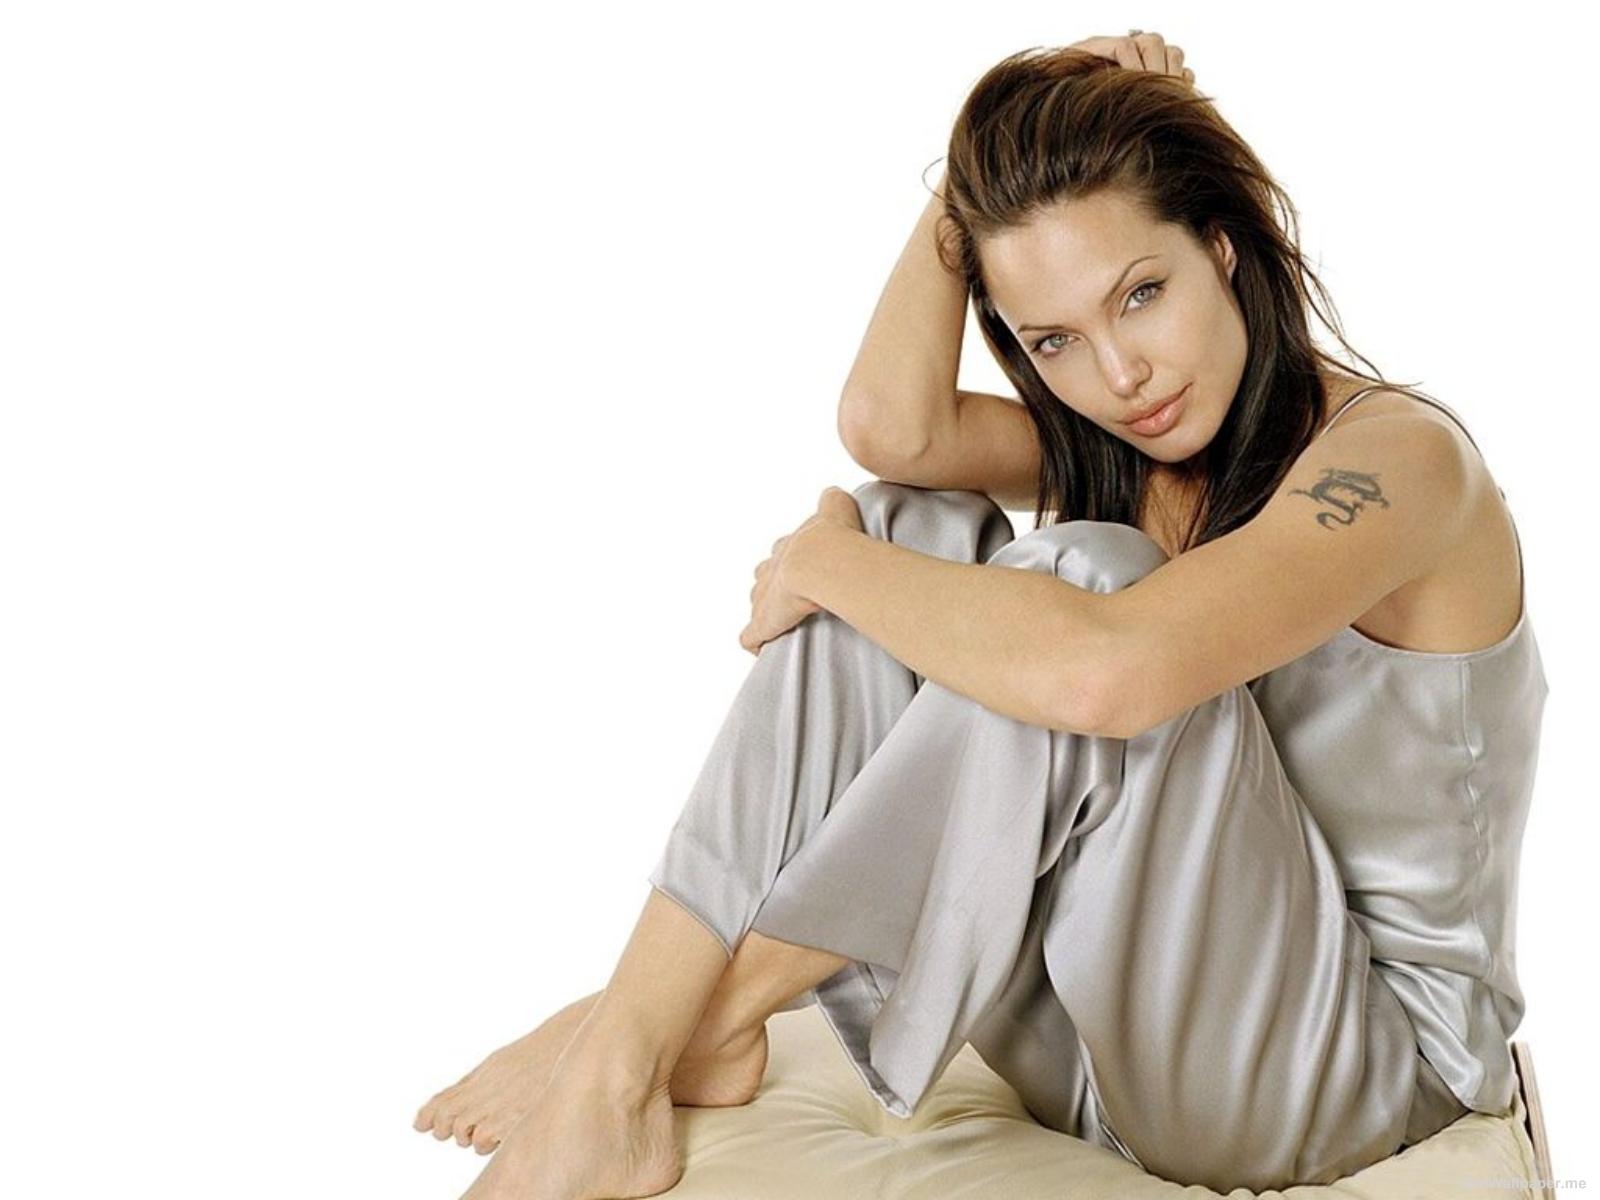 http://2.bp.blogspot.com/_Qtt0T4iTxQk/S_UlaVoRbmI/AAAAAAAAAw8/AtLpIs3g11Y/s1600/angelina_jolie_08.jpg